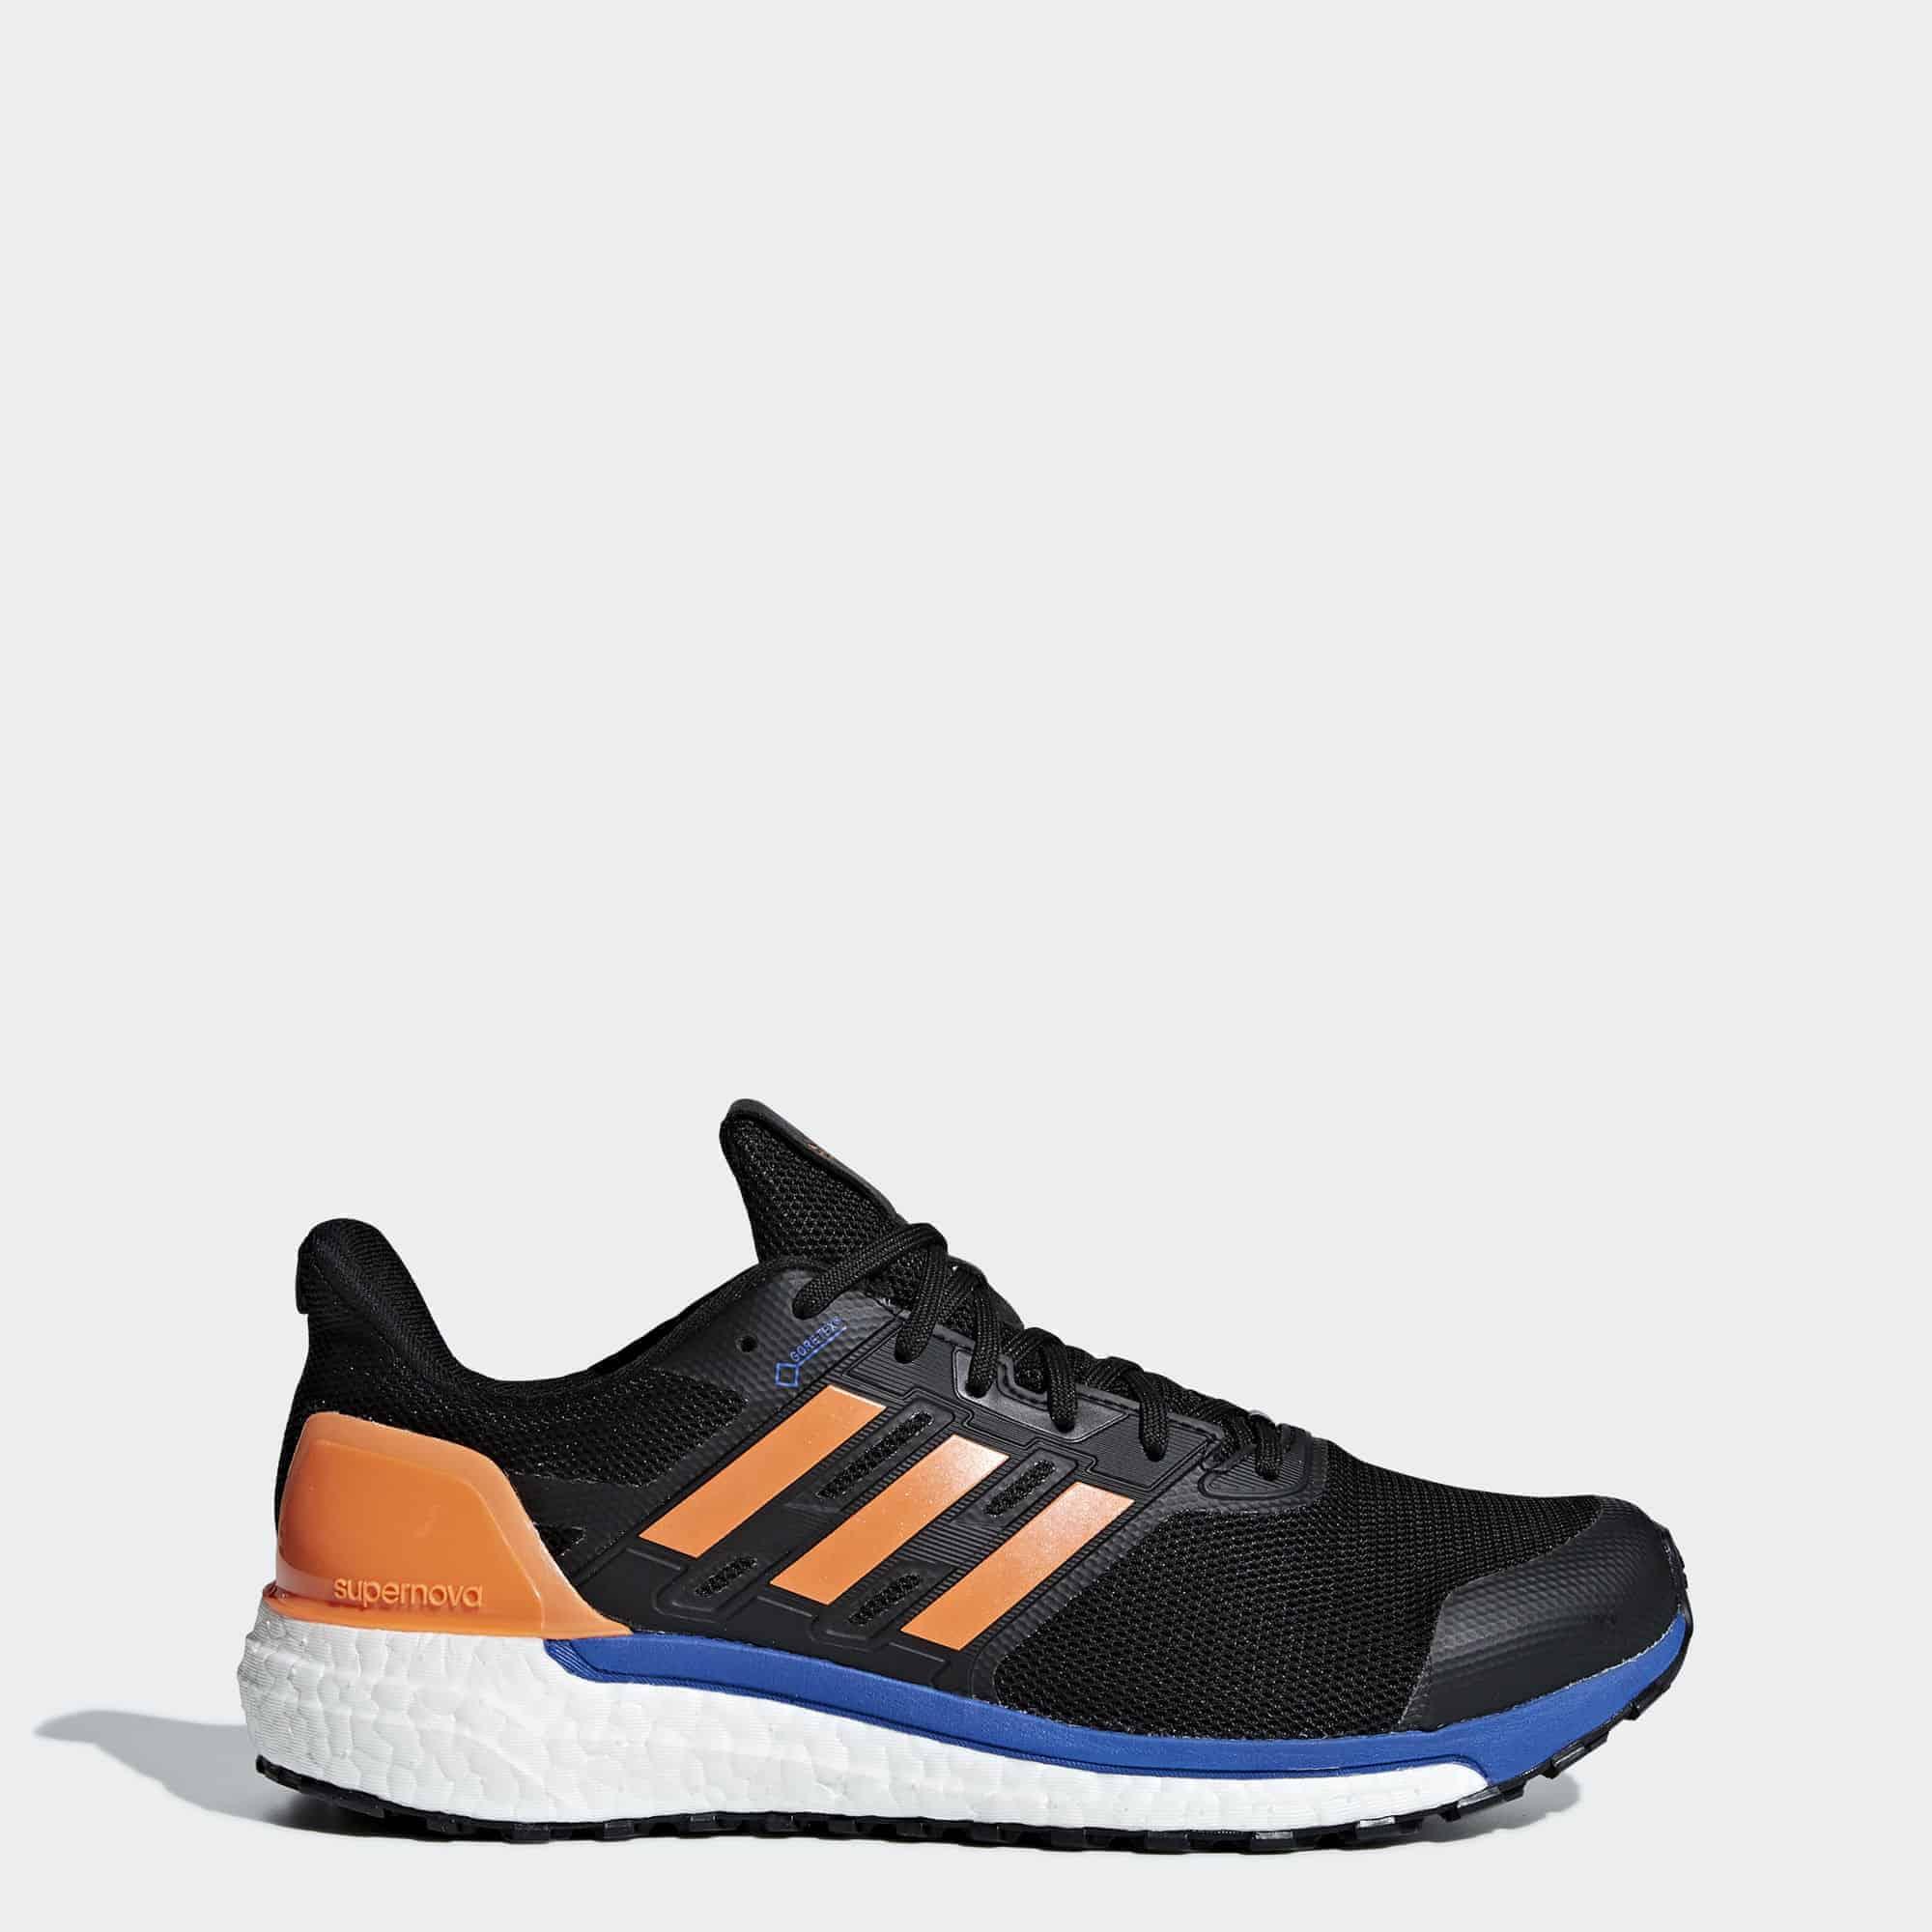 Кроссовки для бега Adidas Supernova Gore-Tex мужские